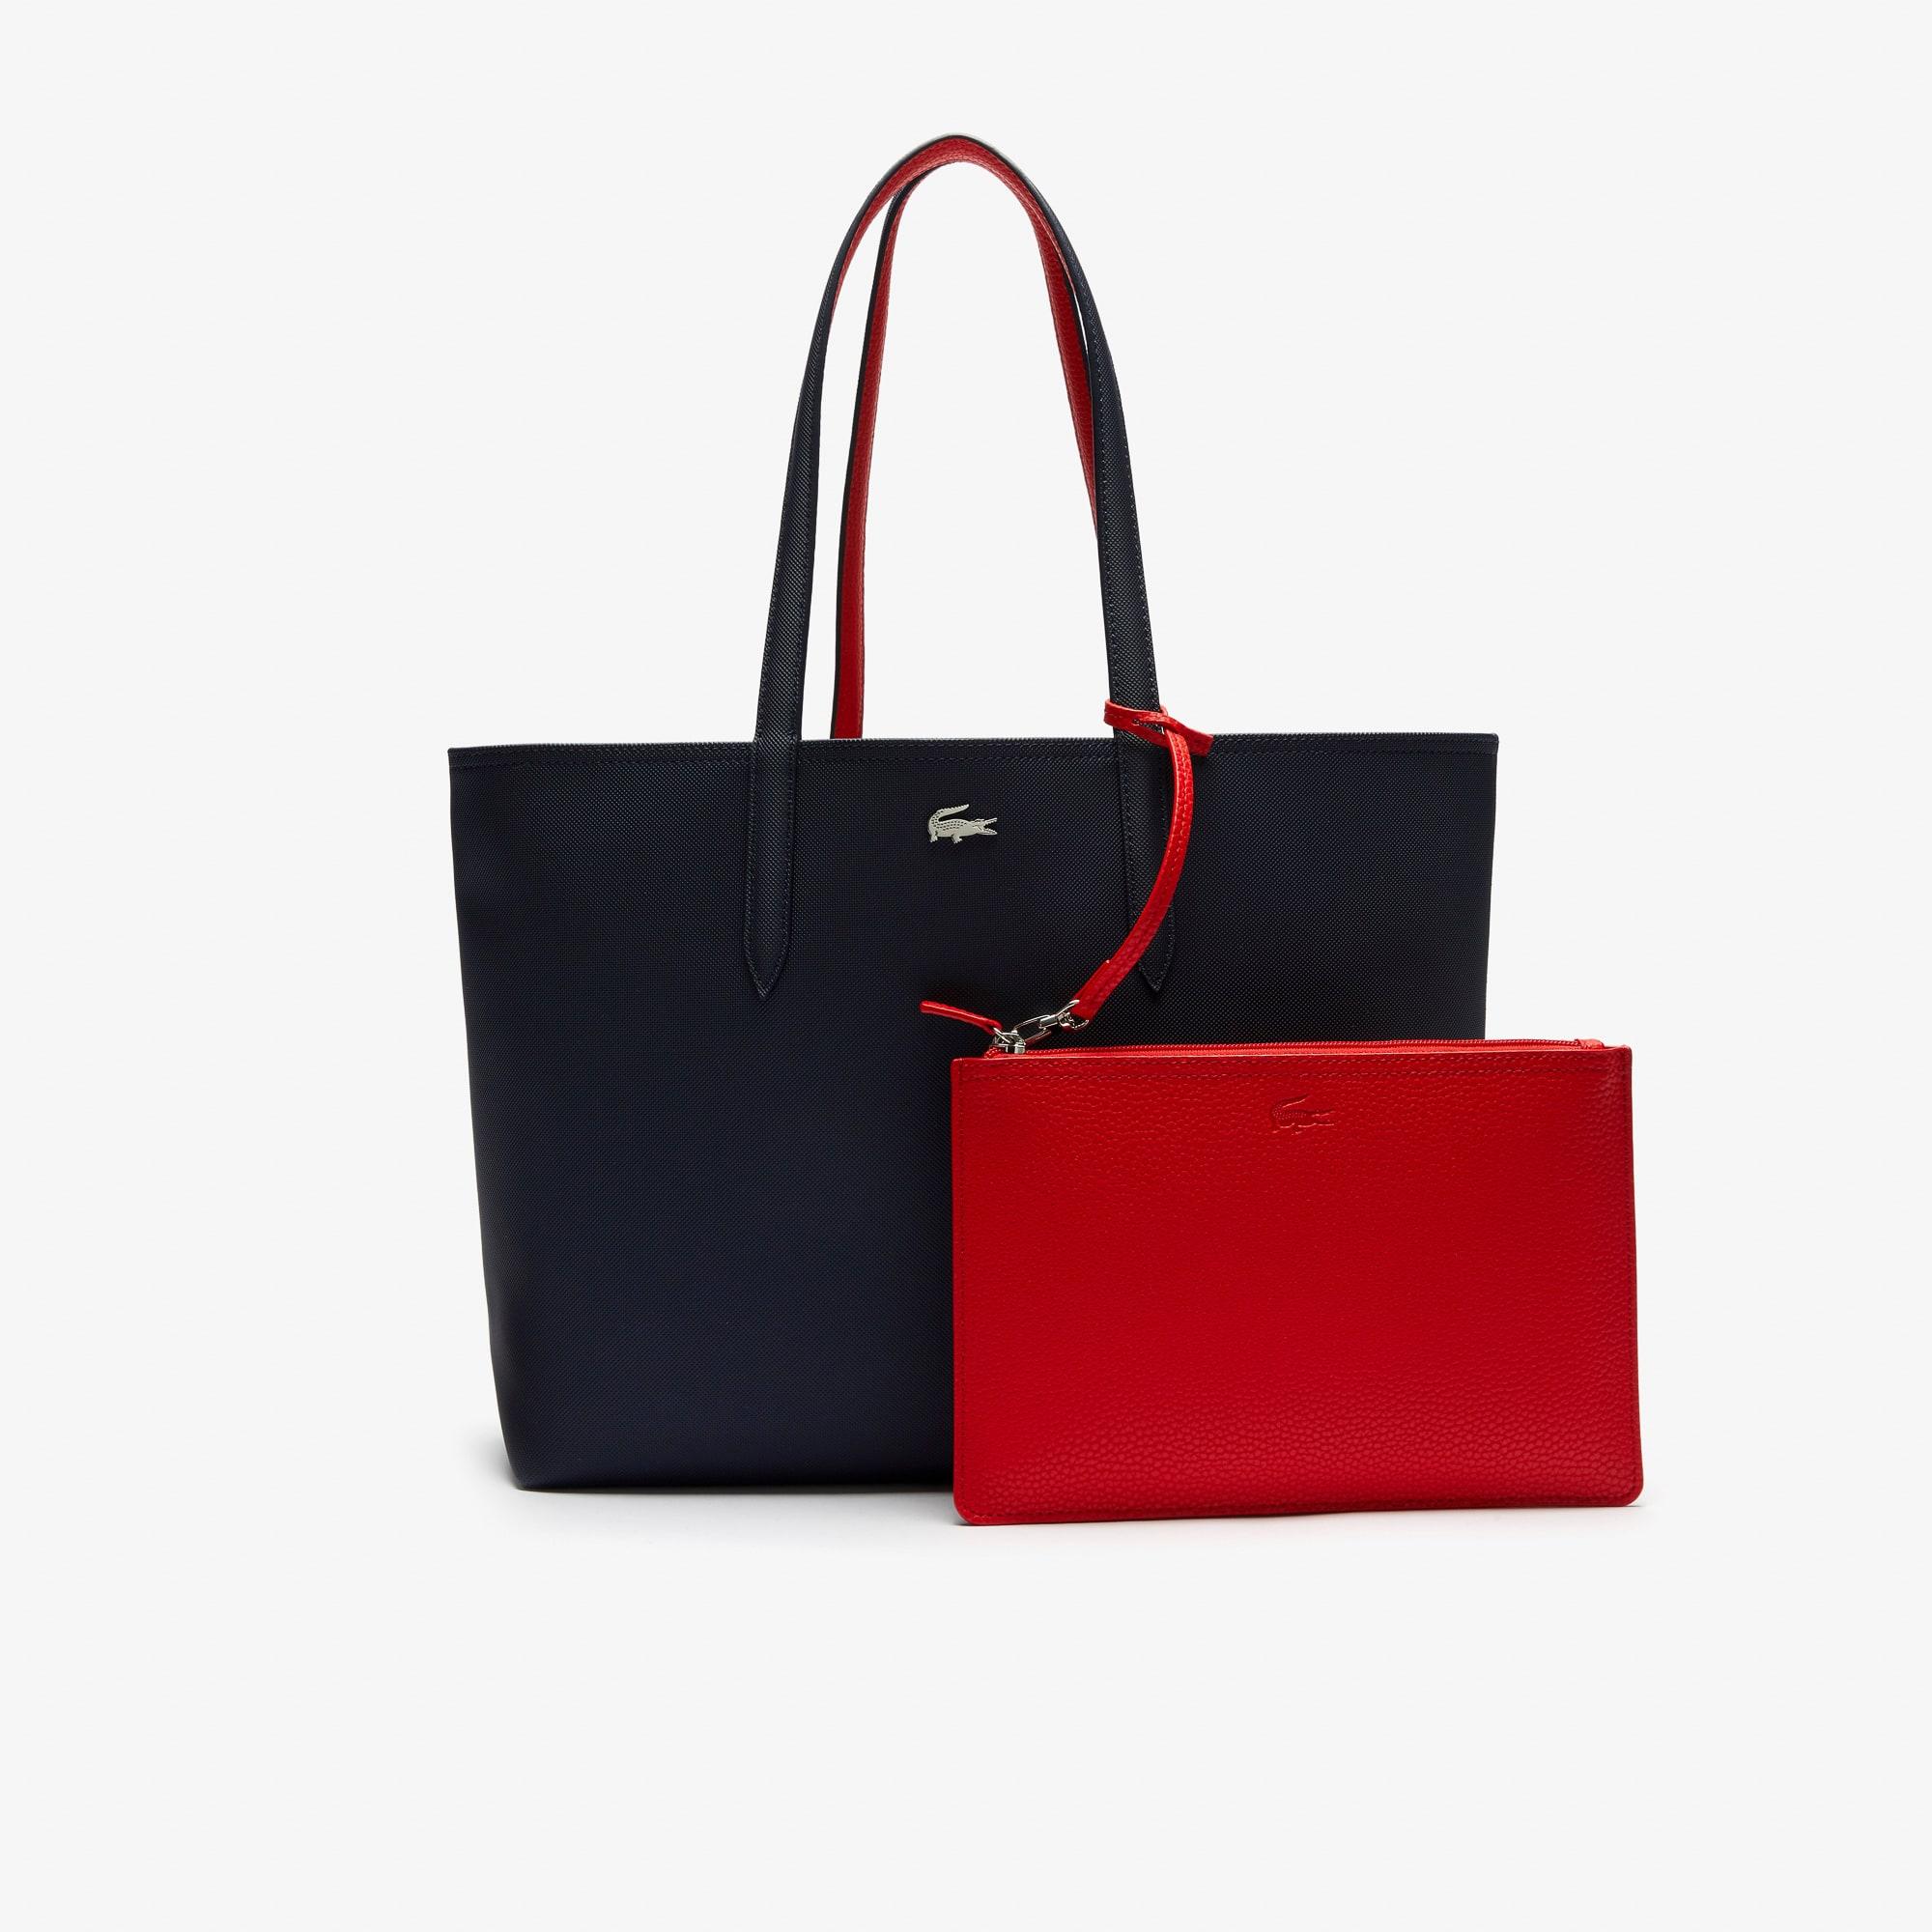 Coleção de Bolsas e Bolsas de Mão   Leather Goods Femininos   LACOSTE 8ce6d5786d